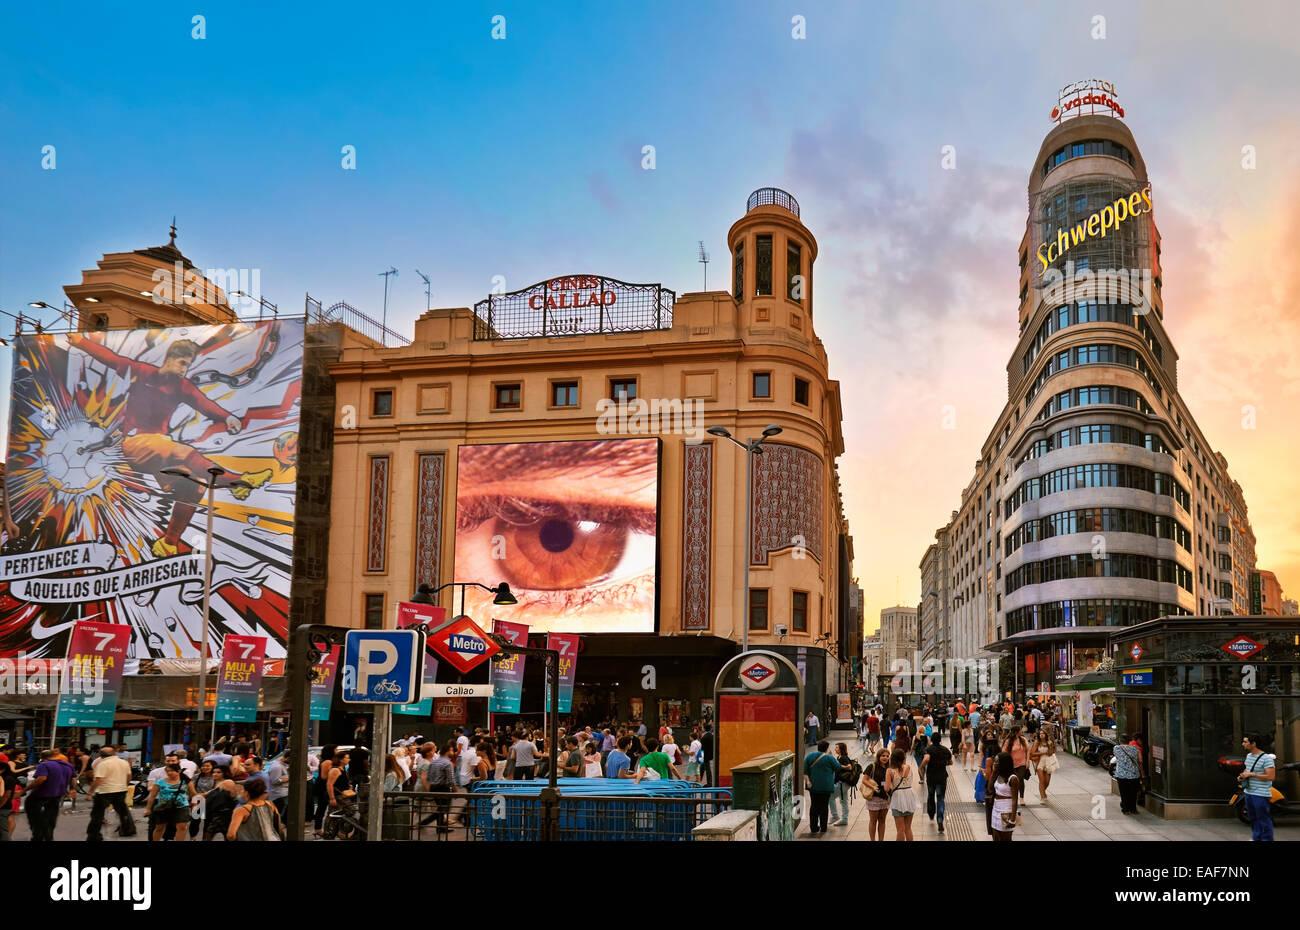 Callao square avec Carrion bâtiment au côté droit. Madrid. Espagne Photo Stock